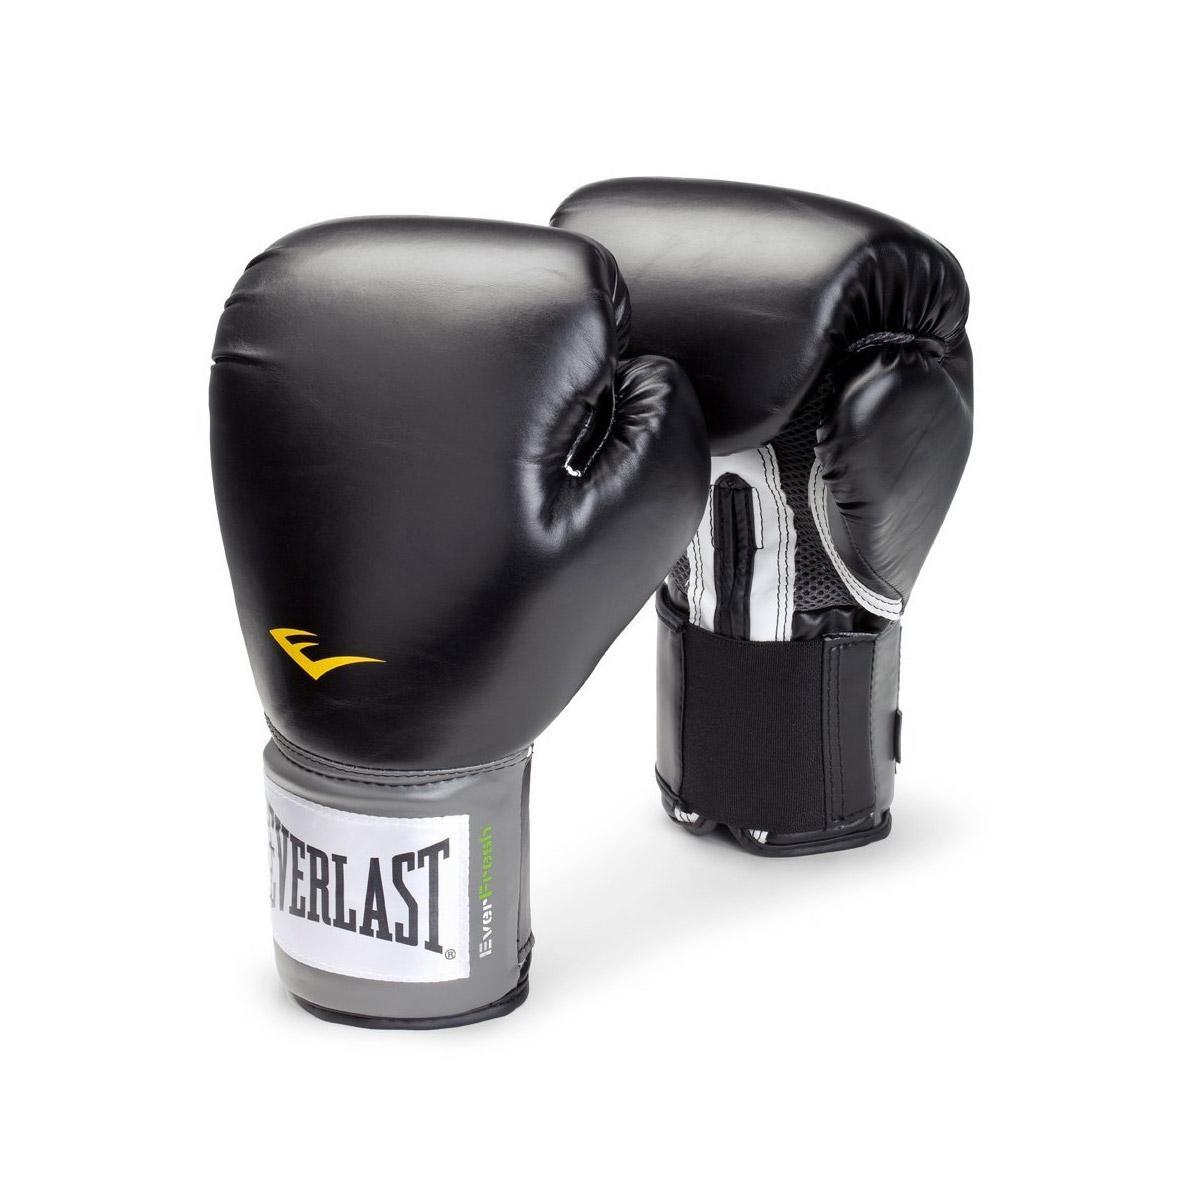 Everlast Pro Style Training Boxing Gloves (black)(everlast Singapore).